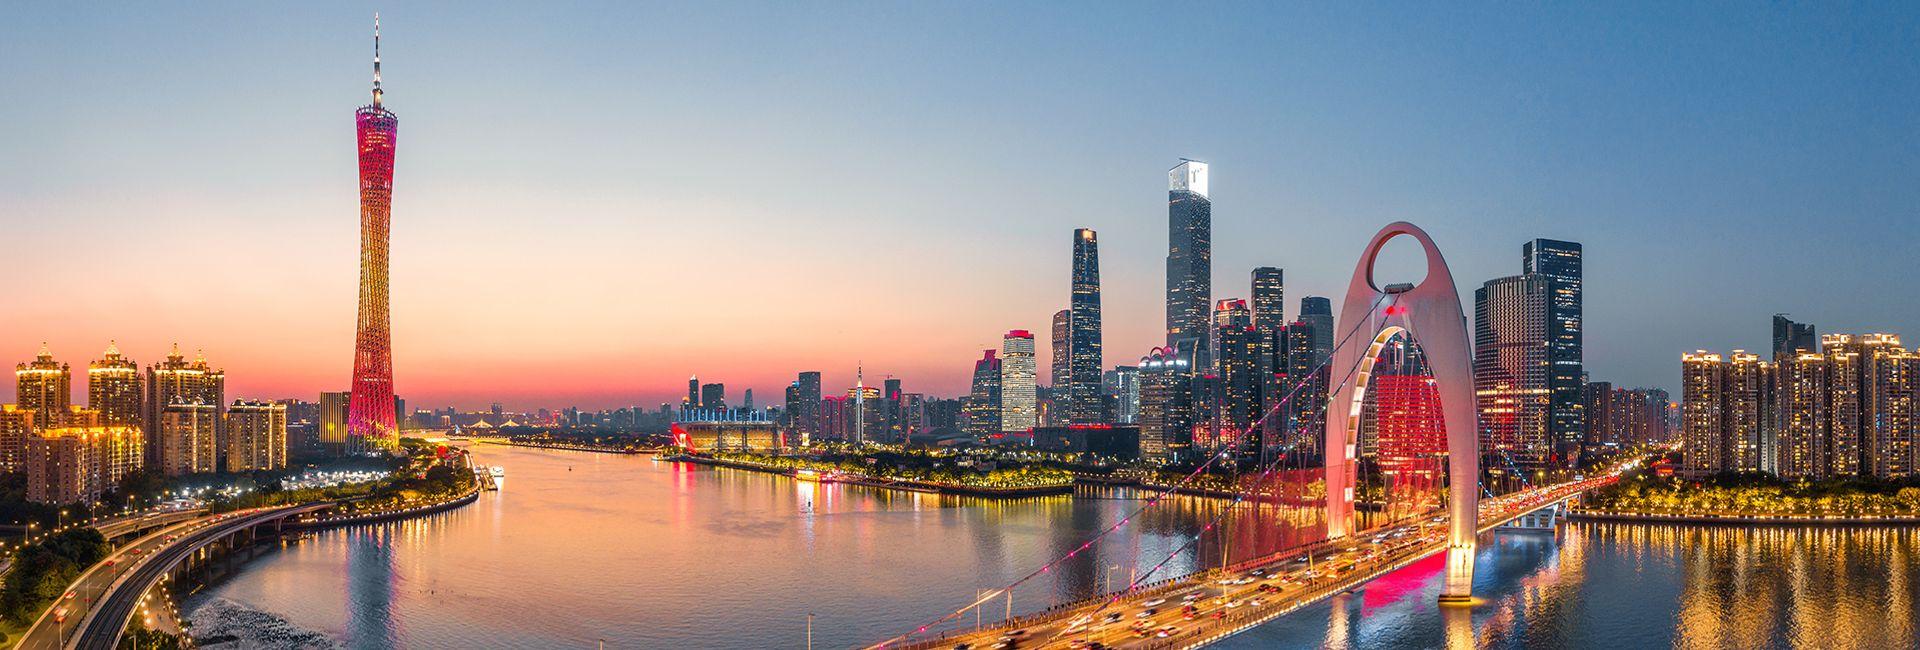 Top 7 hoạt động thú vị khám phá Quảng Châu về đêm